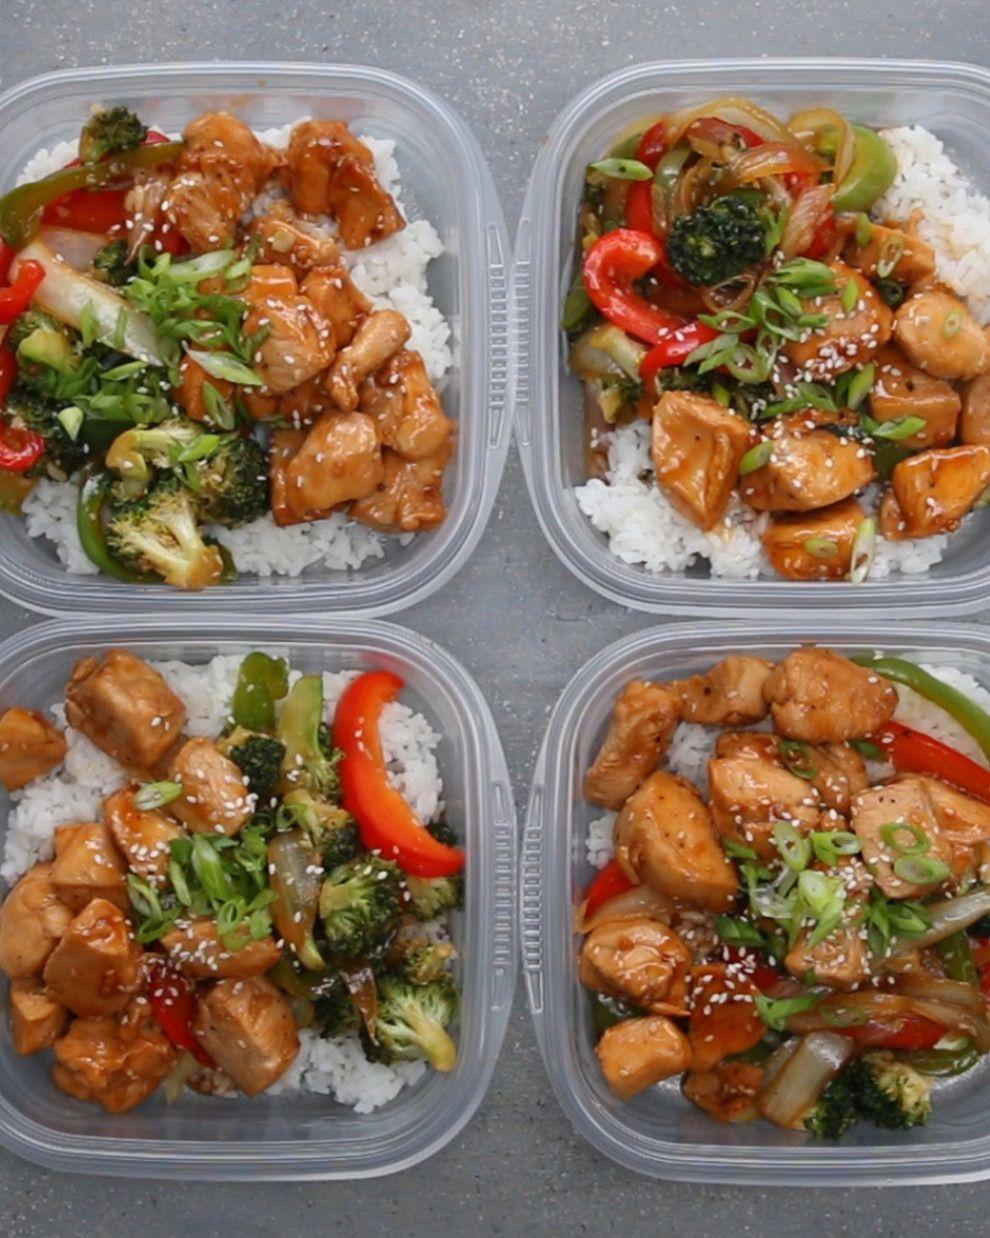 Diese Hühnchen-Teriyaki-Gemüsepfanne ist dein Mittagessen für morgen #howtostirfry